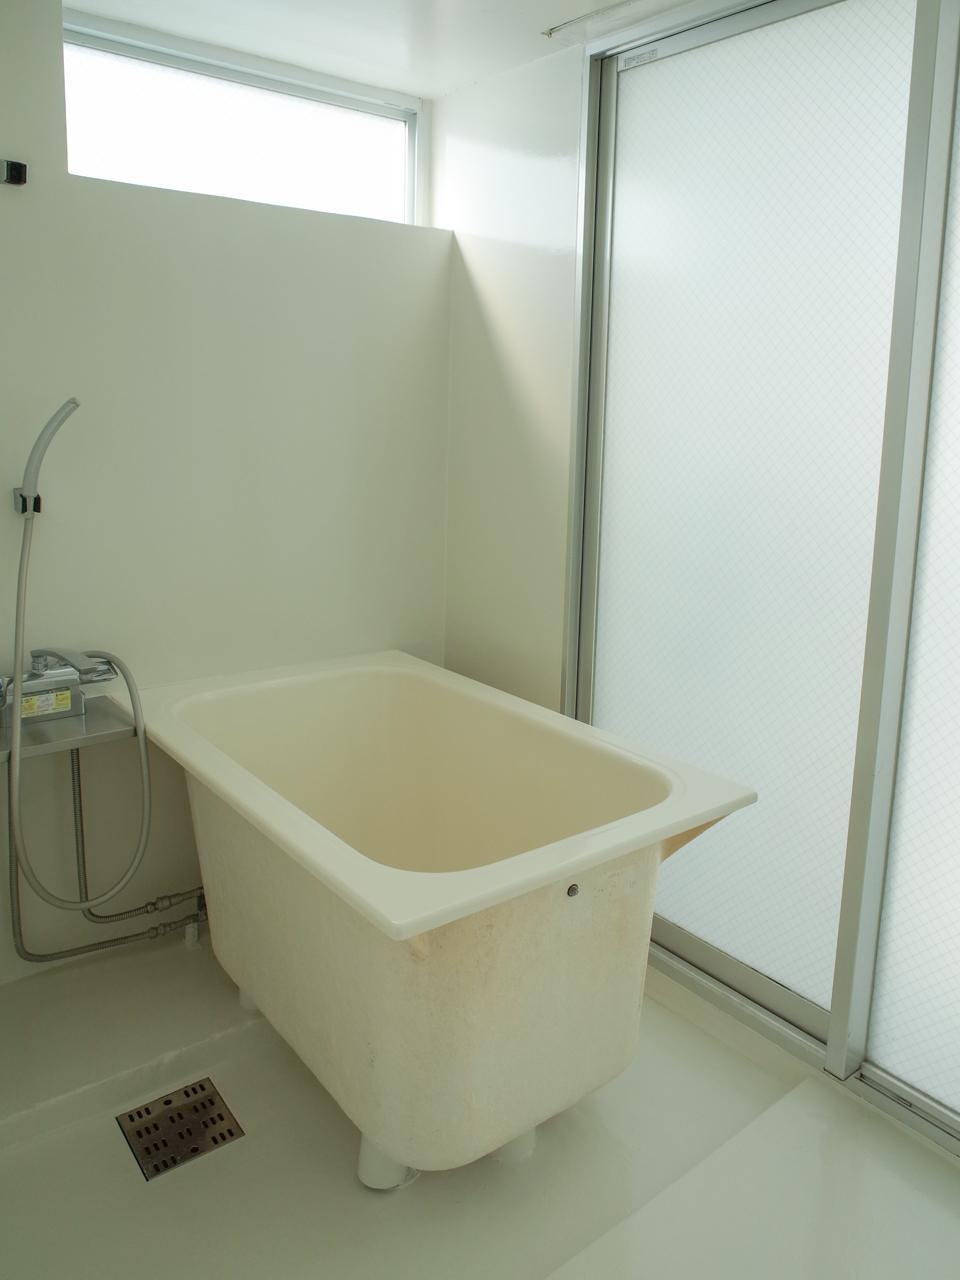 浴槽がラフに置かれている感じも良い